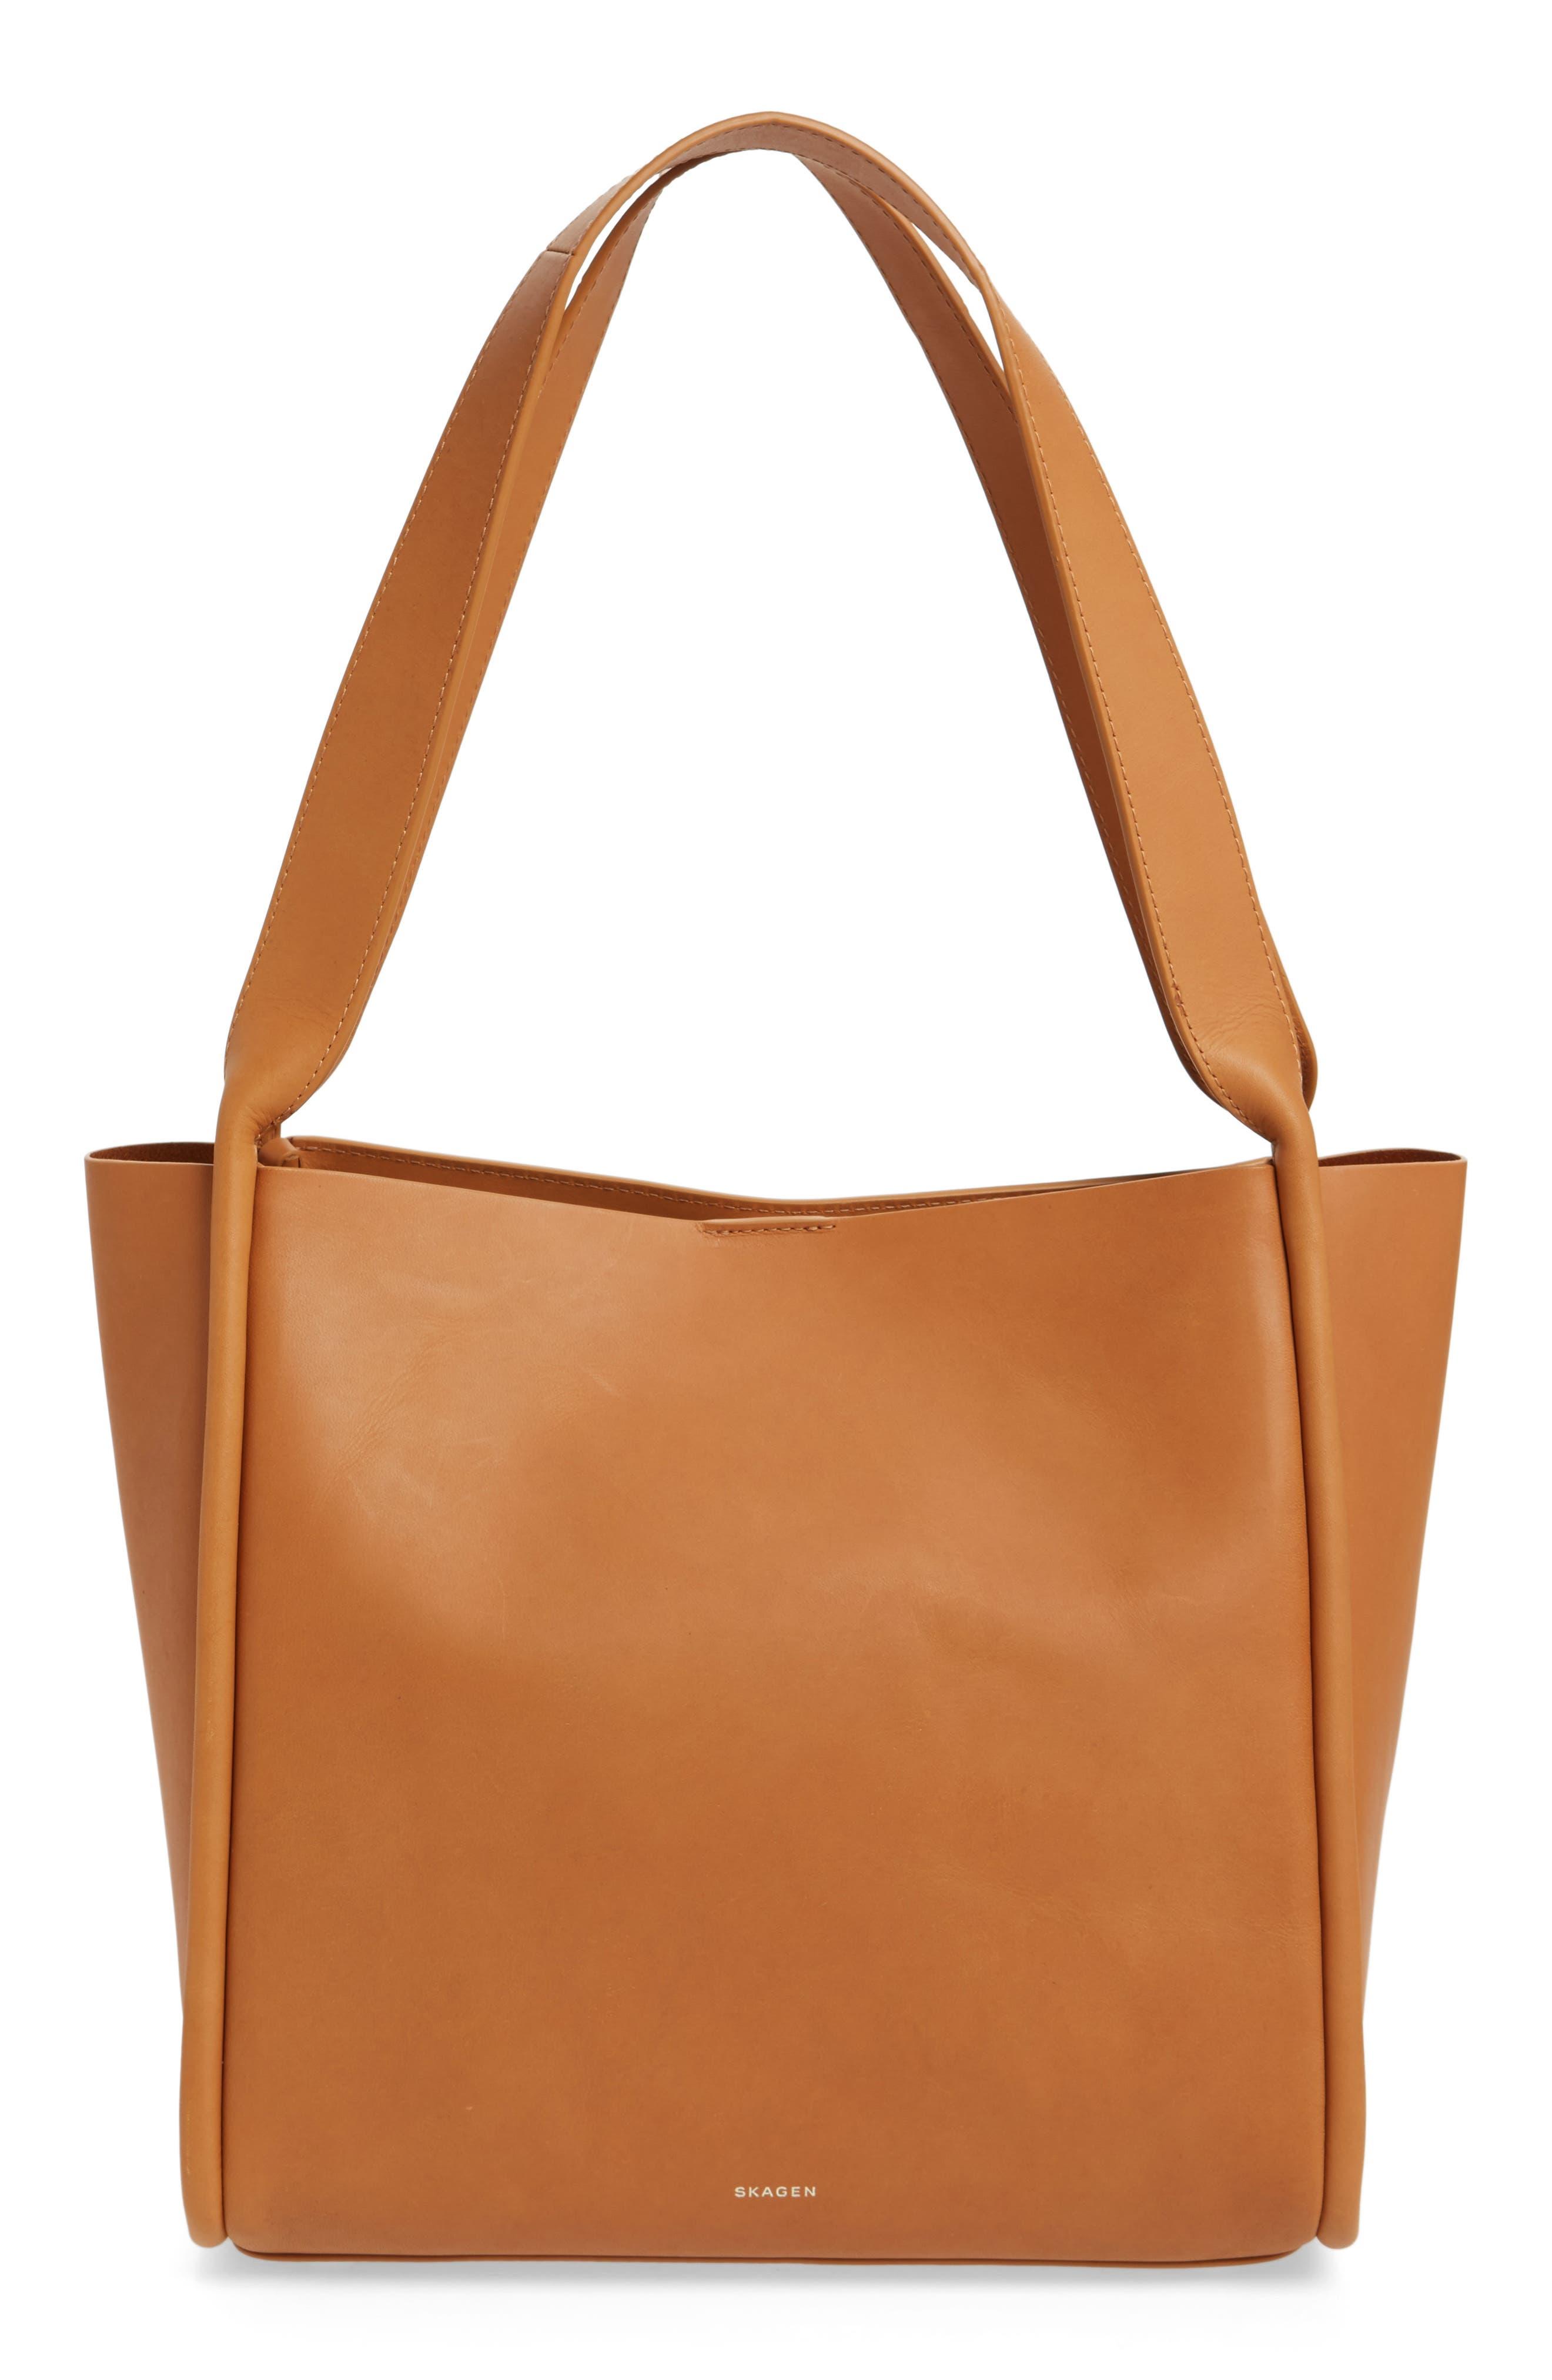 SKAGEN Karalie Shoulder Bag